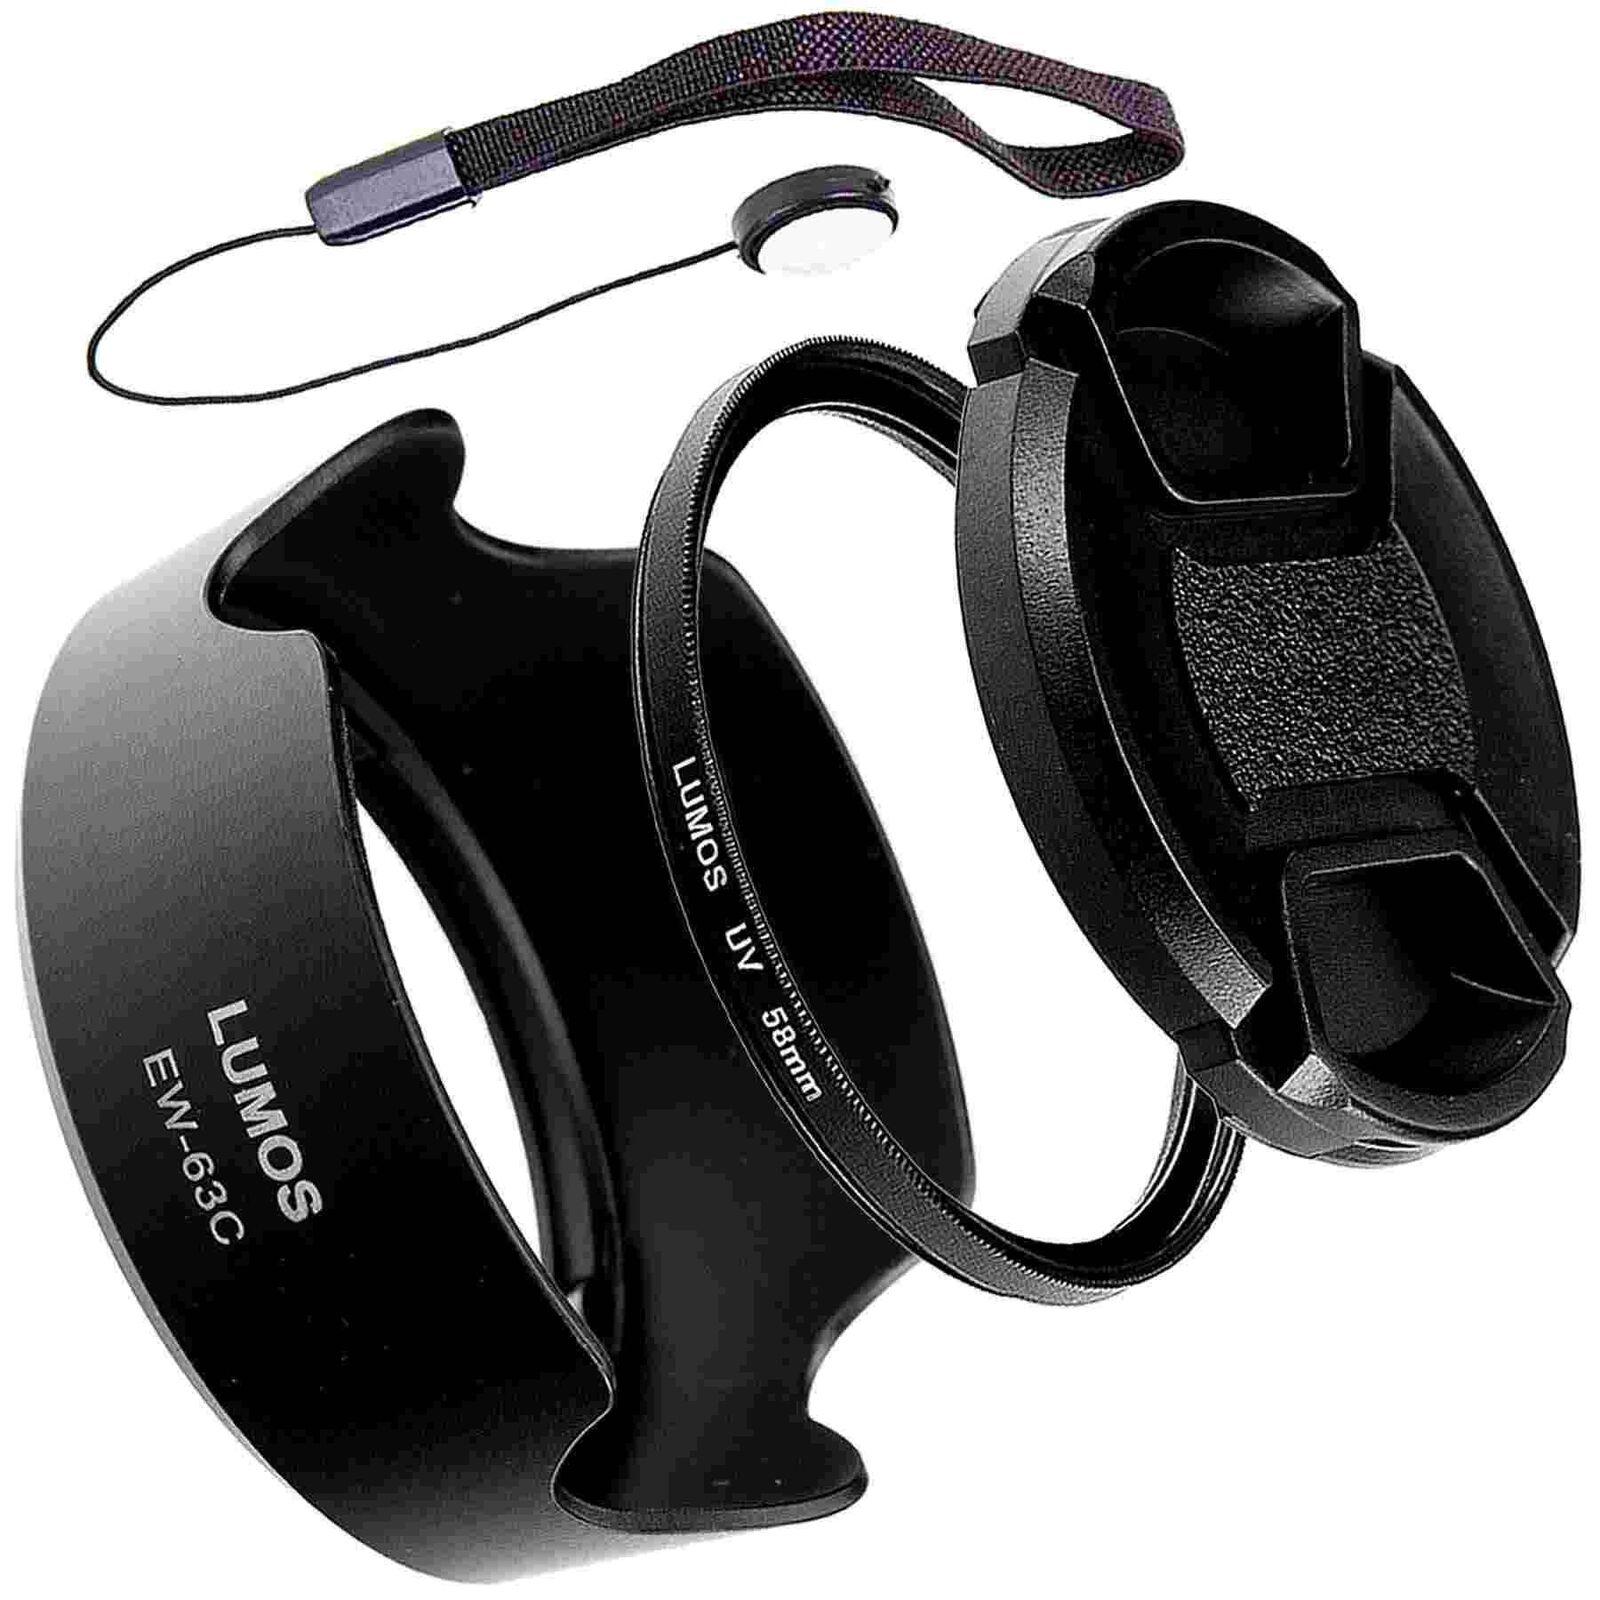 Gegenlichtblende UV Filter Objektivdeckel zu Canon 18-55 IS STM EOS 200D Zubehör